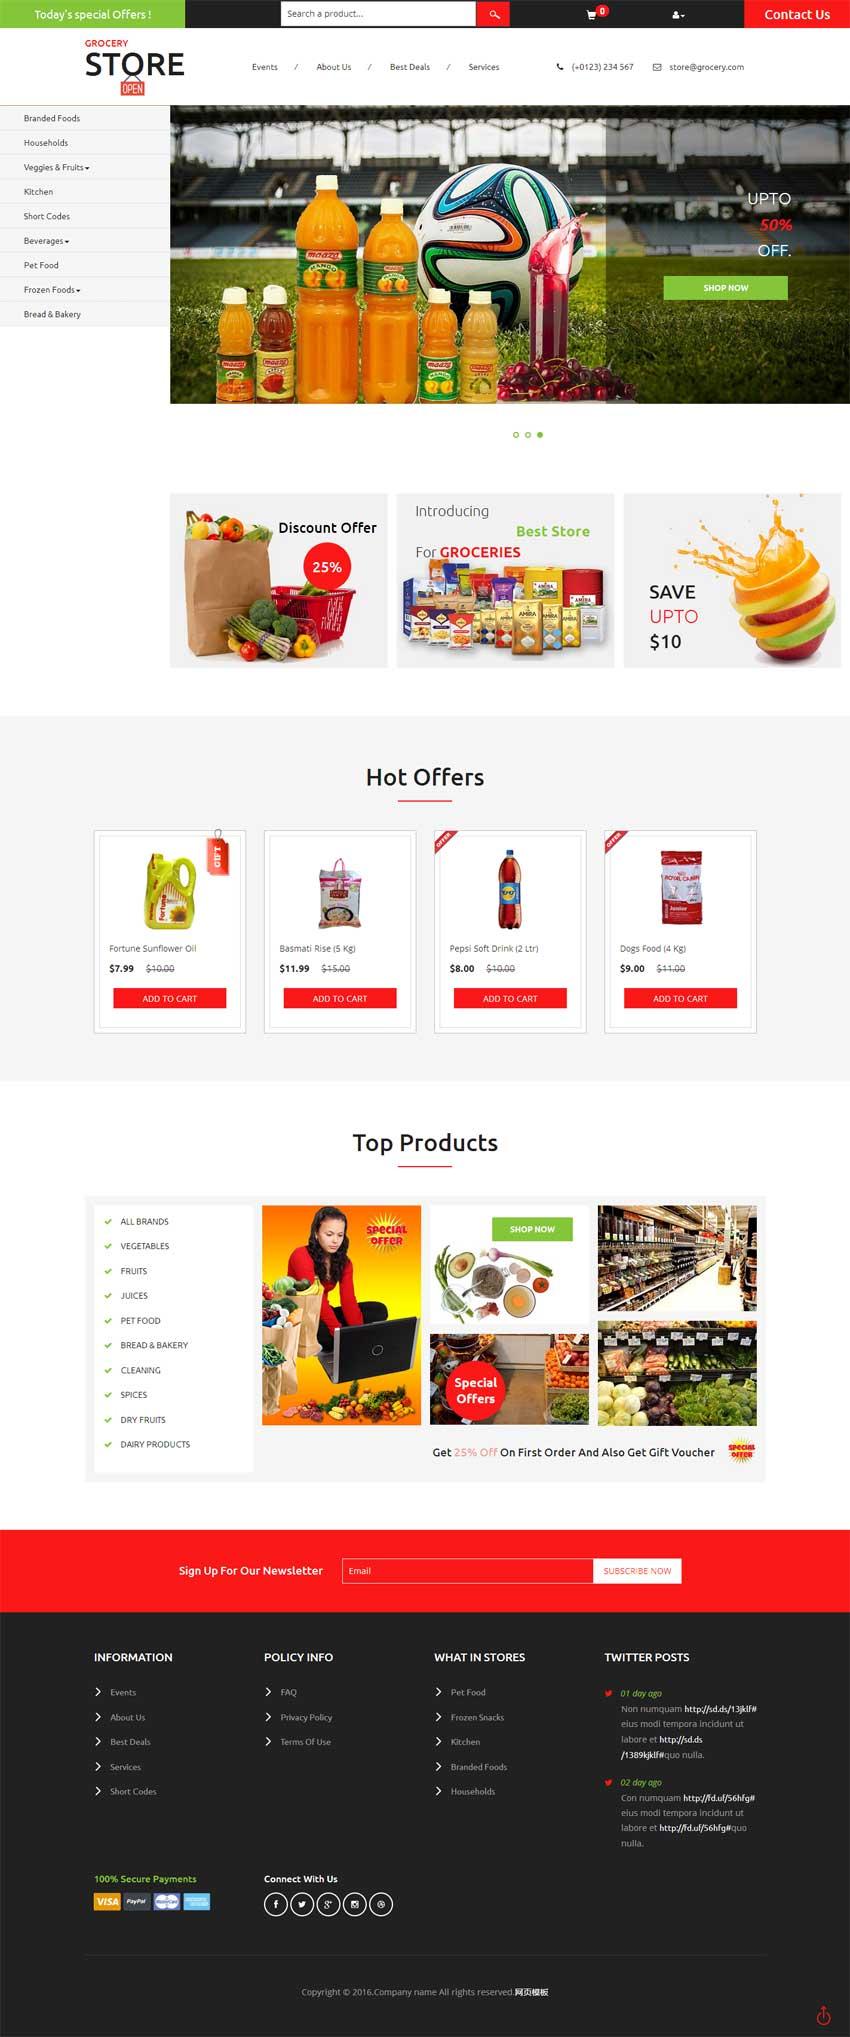 Store网上超市选购模板